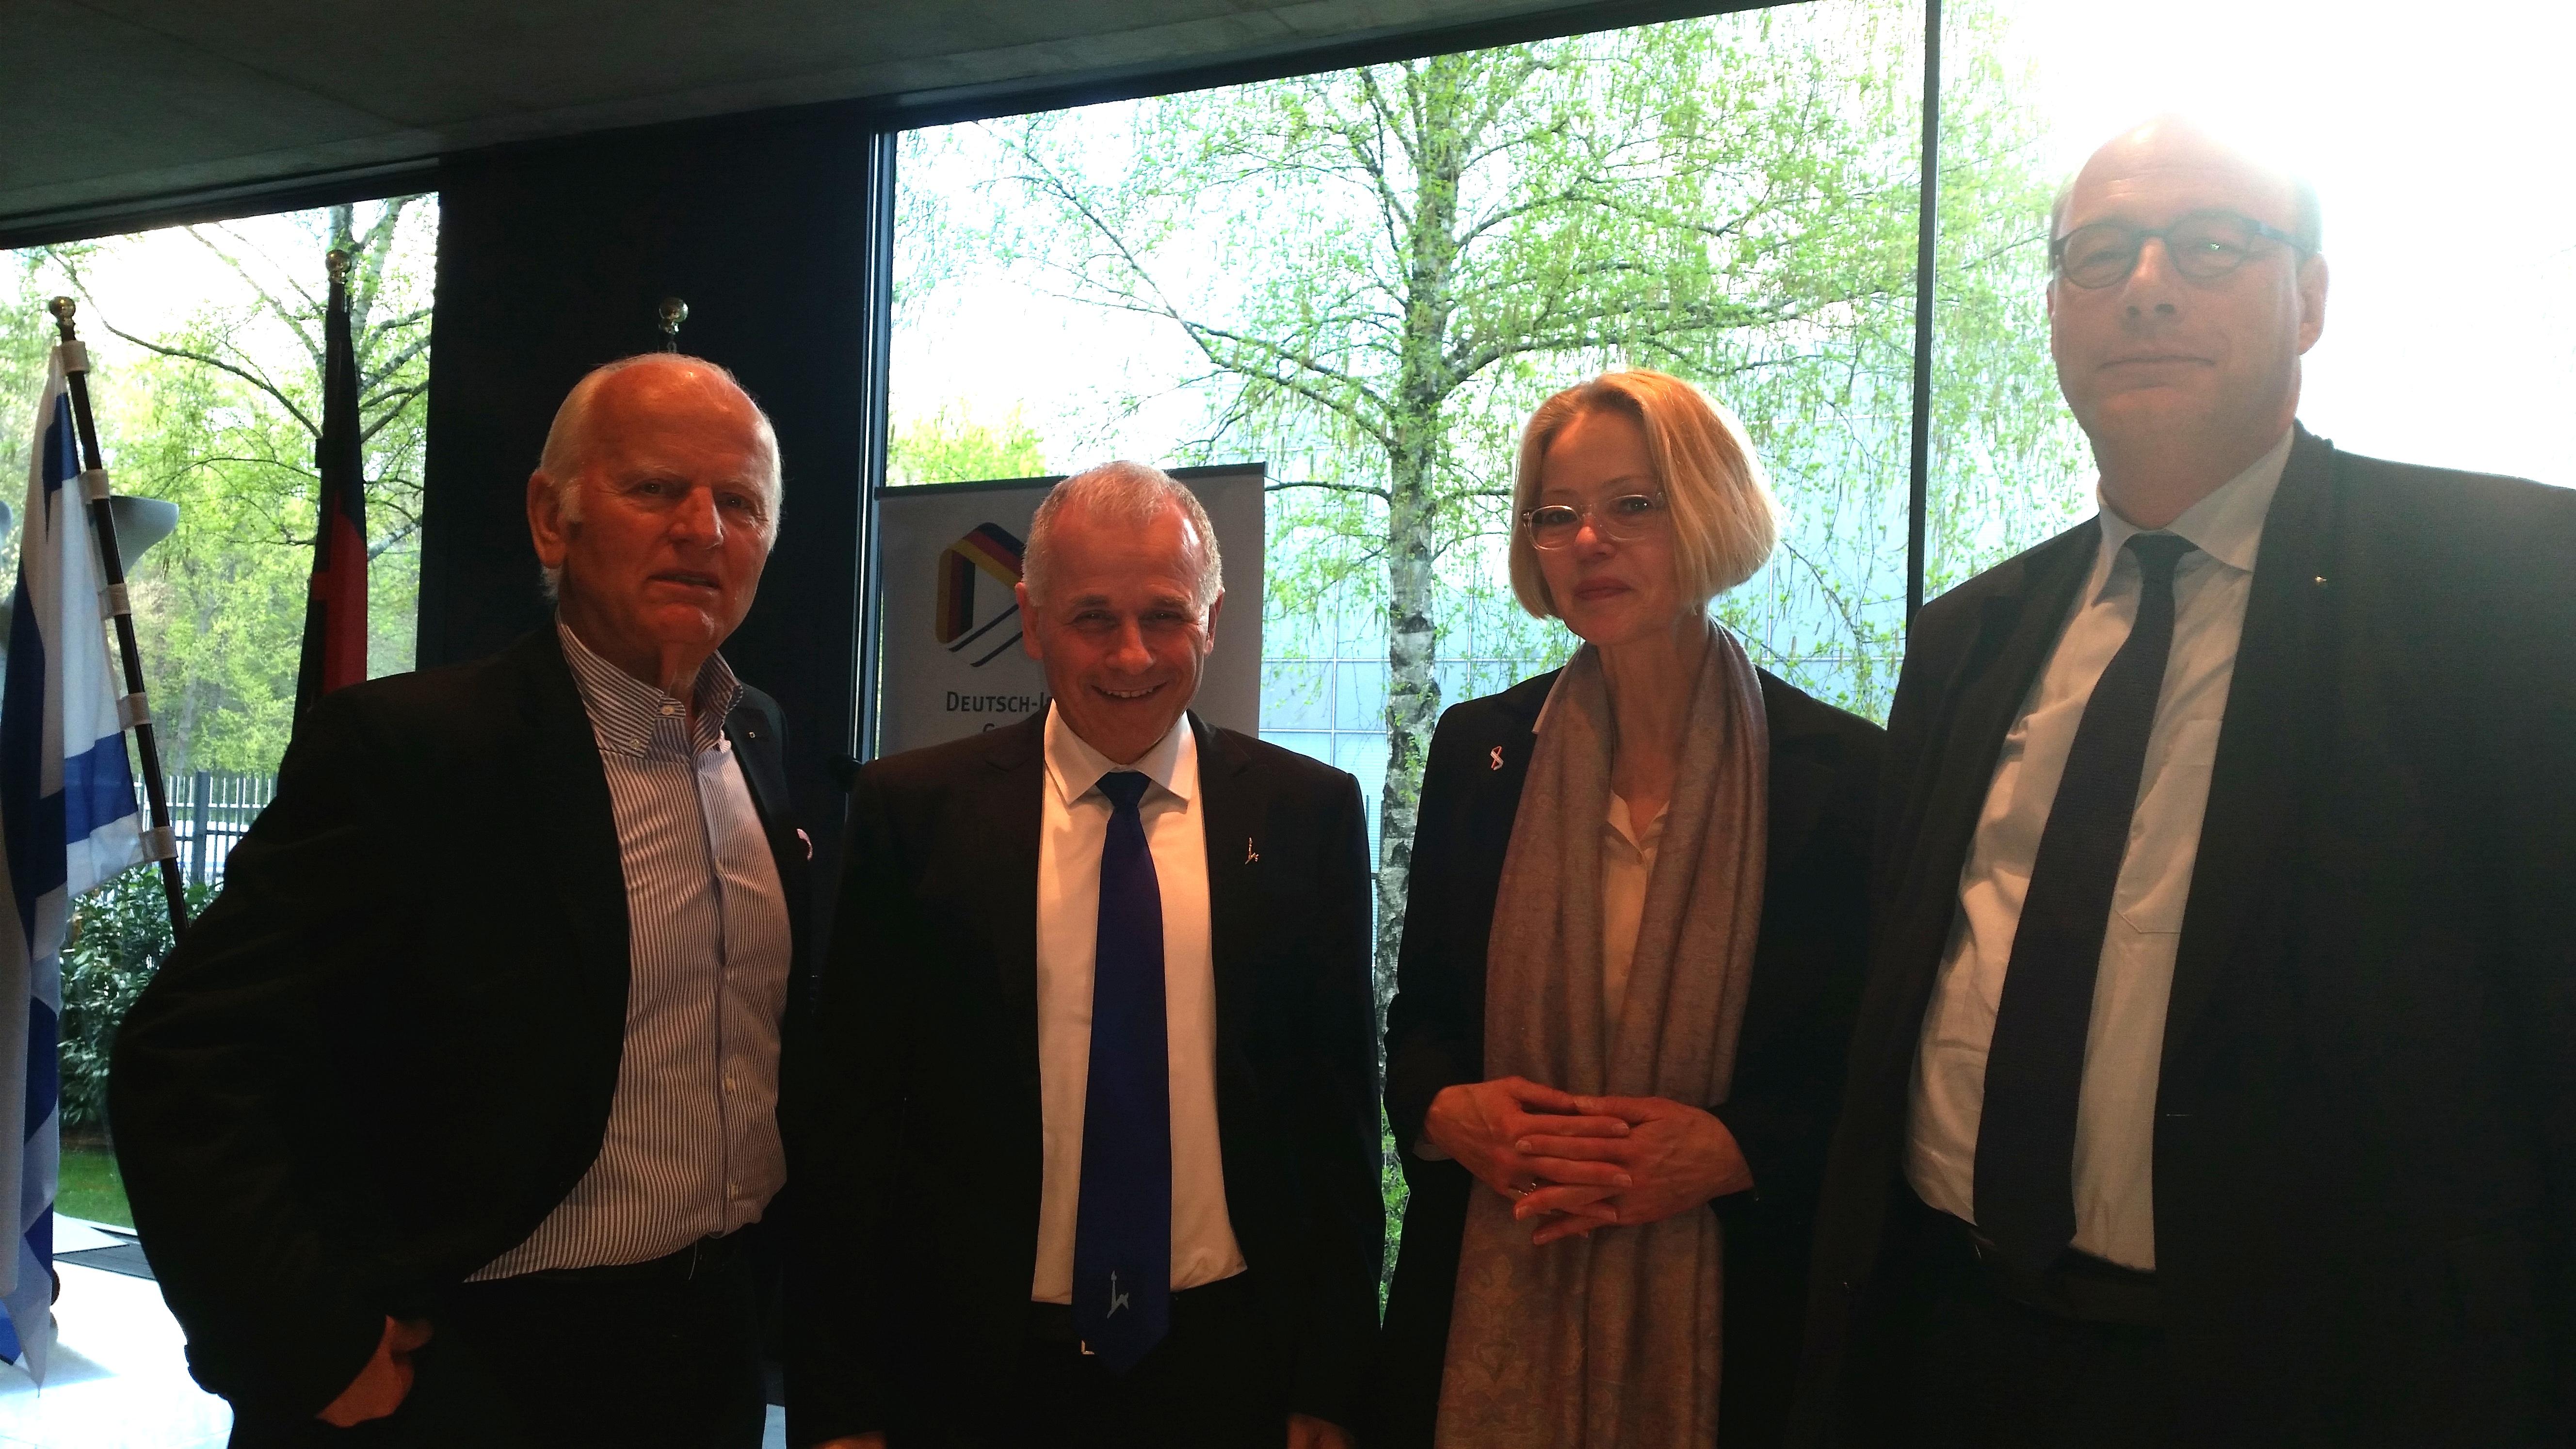 Jochen Feilcke, Prof. Dr. Asher Cohen, Dr. Gesine Palmer und Prof. Dr. Christoph Markschies bei der Kooperationsverantsaltung der DIG und KAS (April 2016)